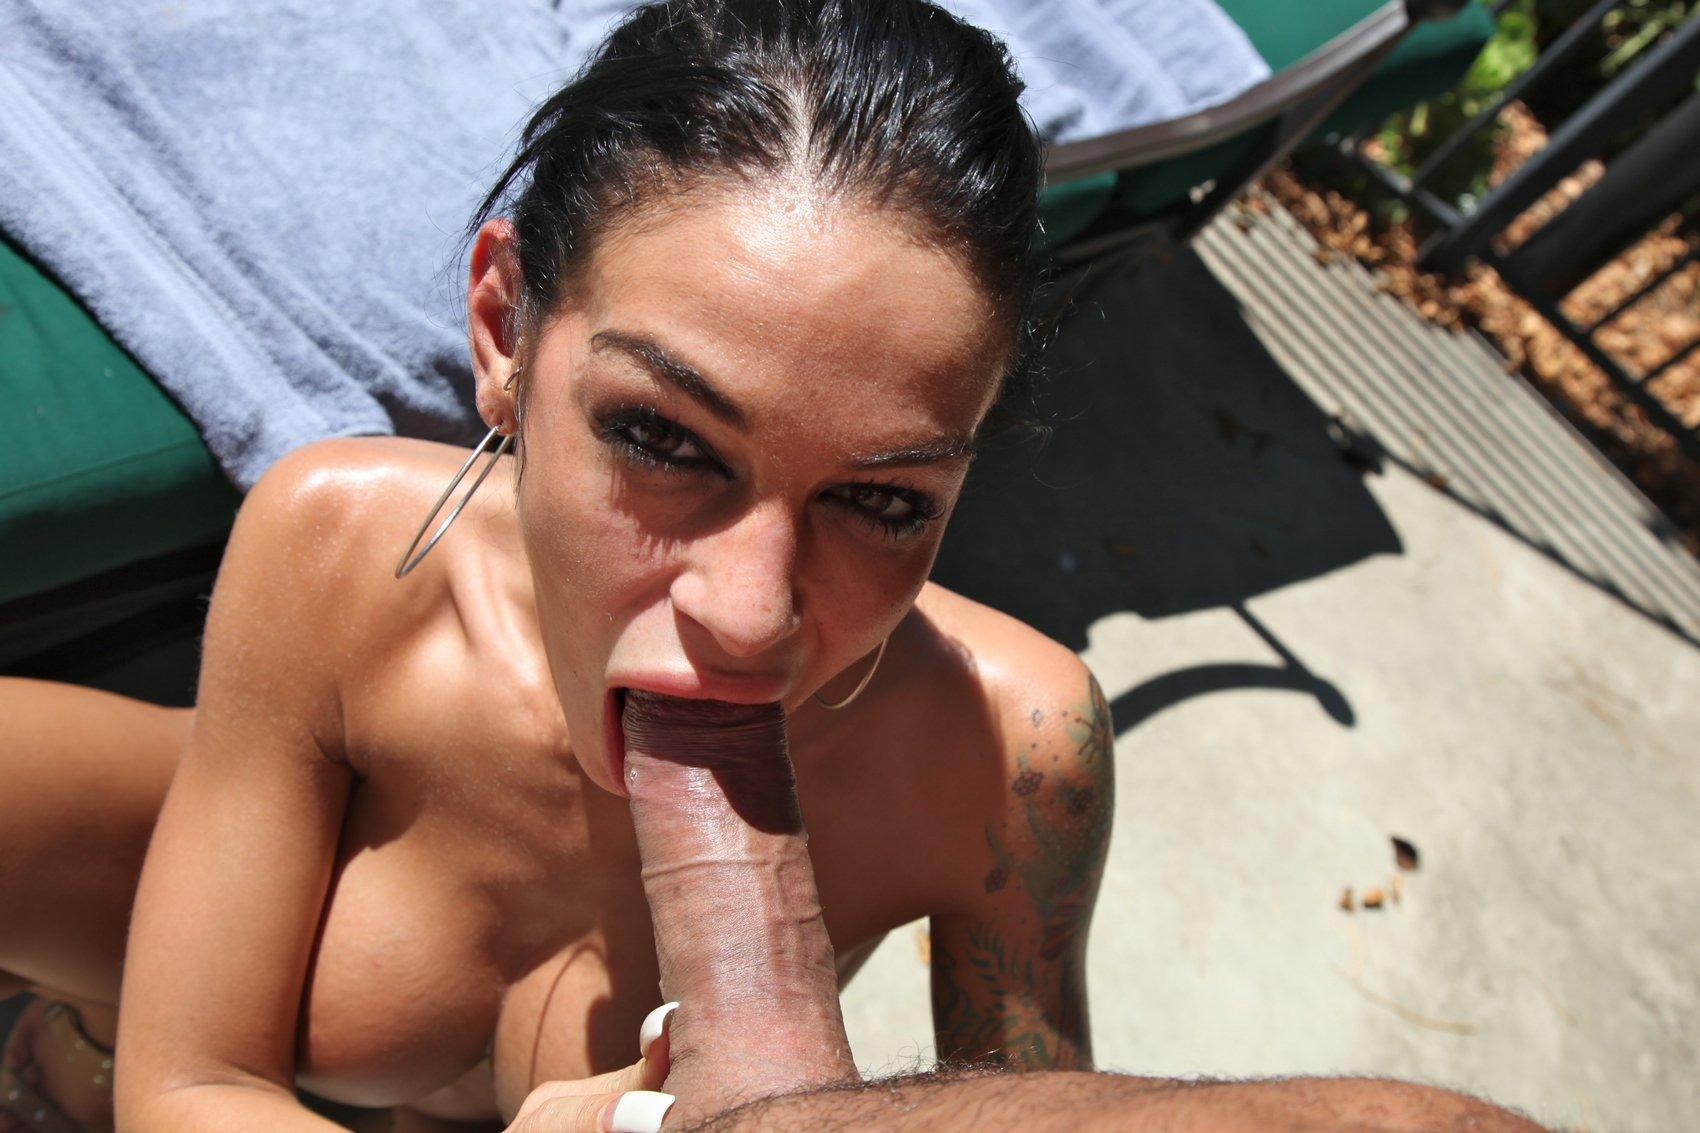 Angelina valentin blowjob